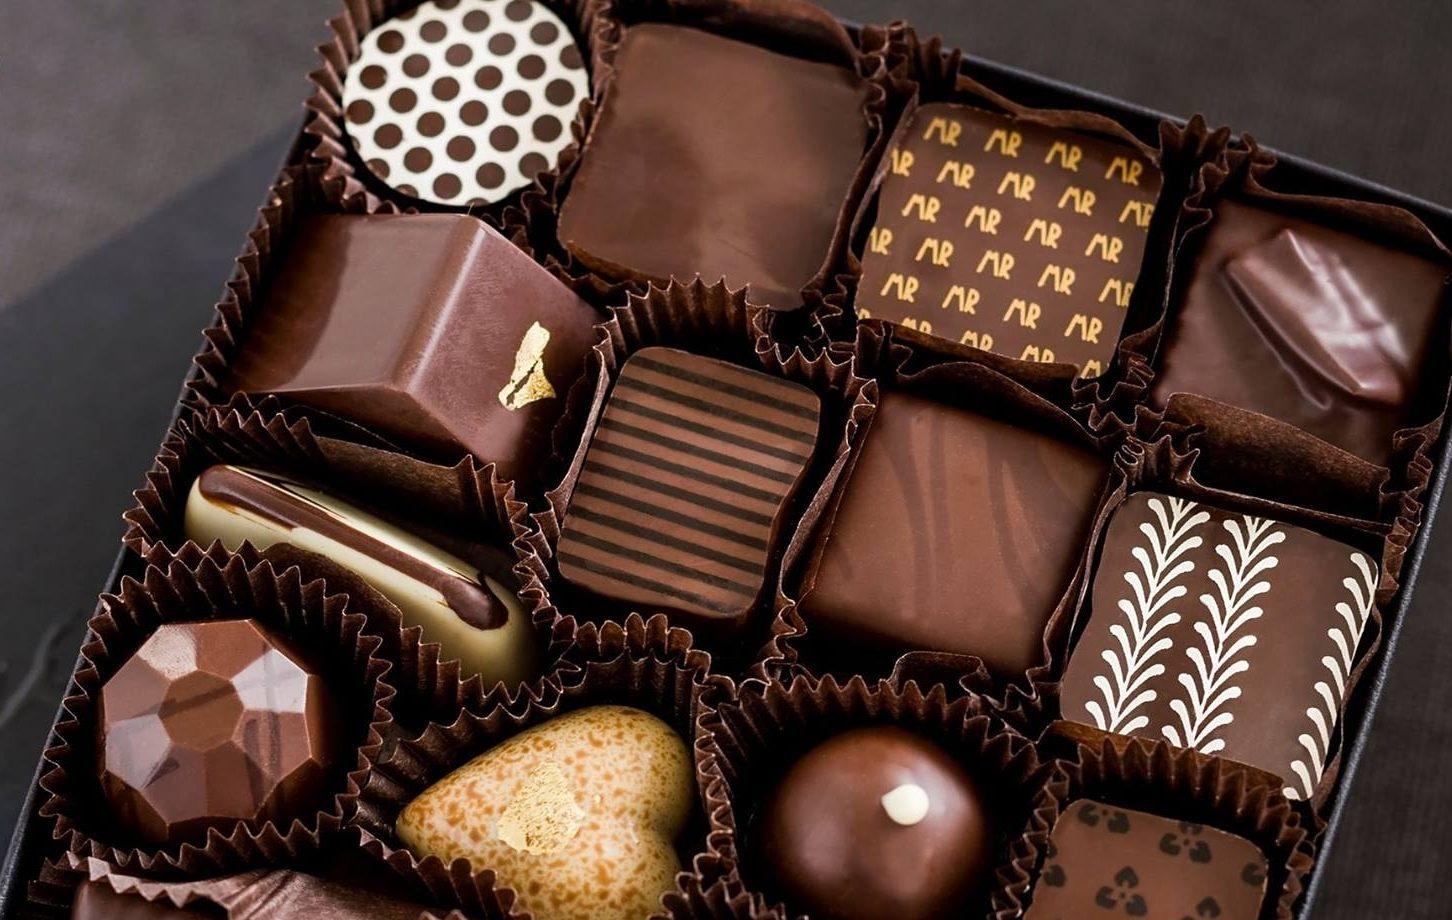 محبوبیت شکلات های خارجی در ایران